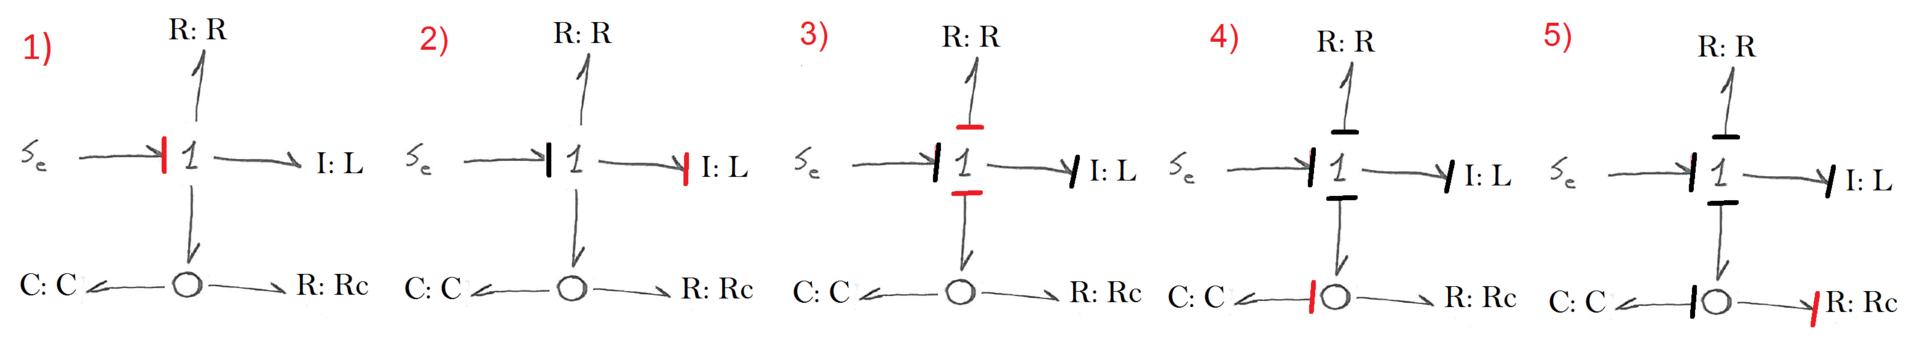 Моделирование динамических систем (метод Лагранжа и Bond graph approach) - 61